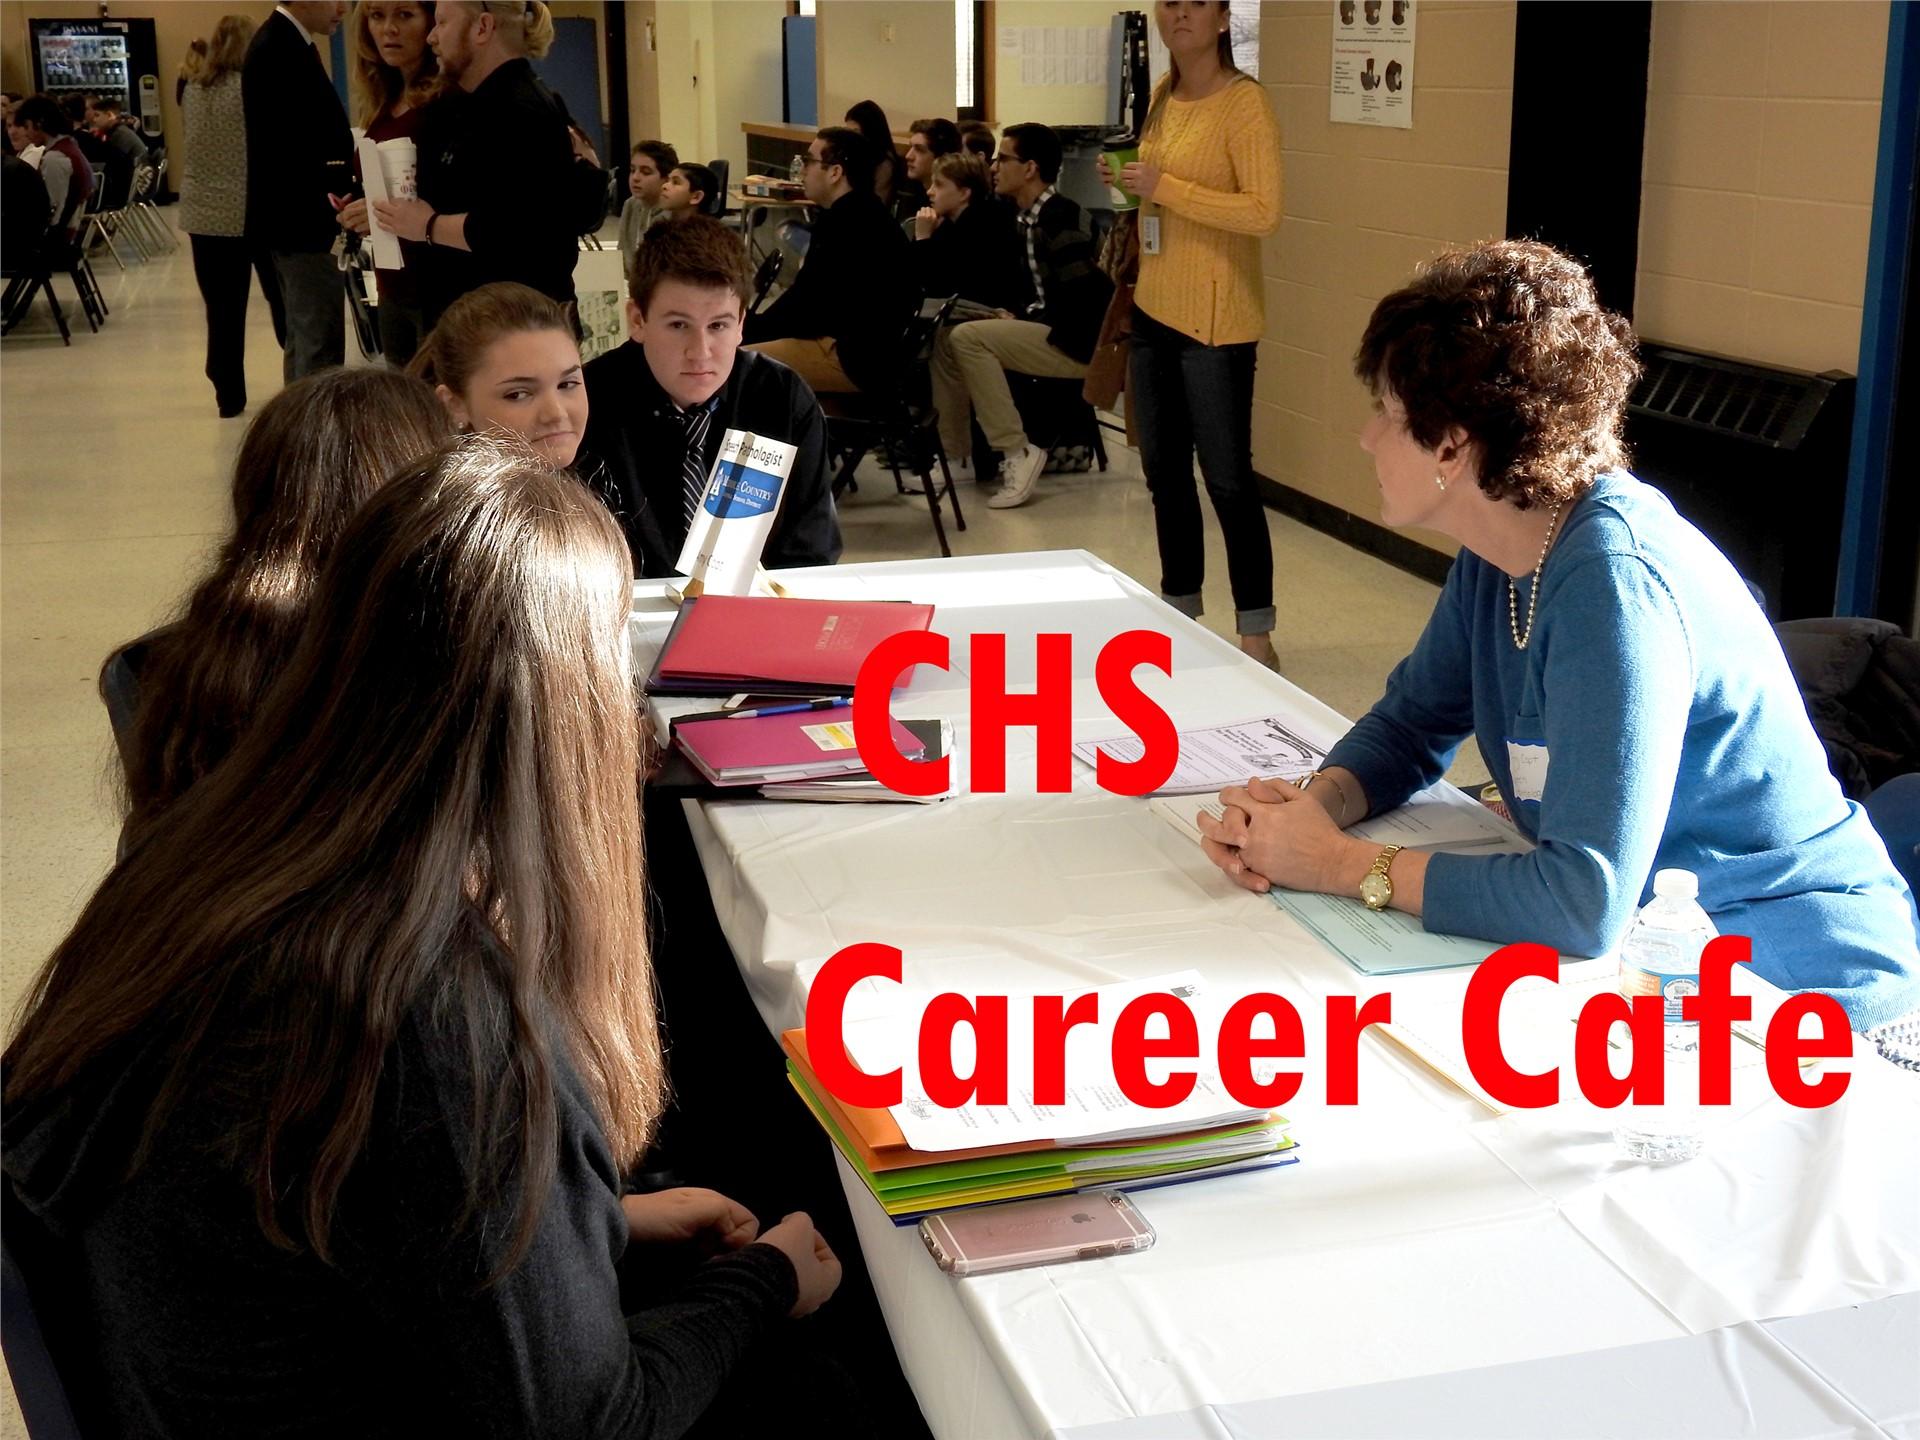 CHS Career Cafe